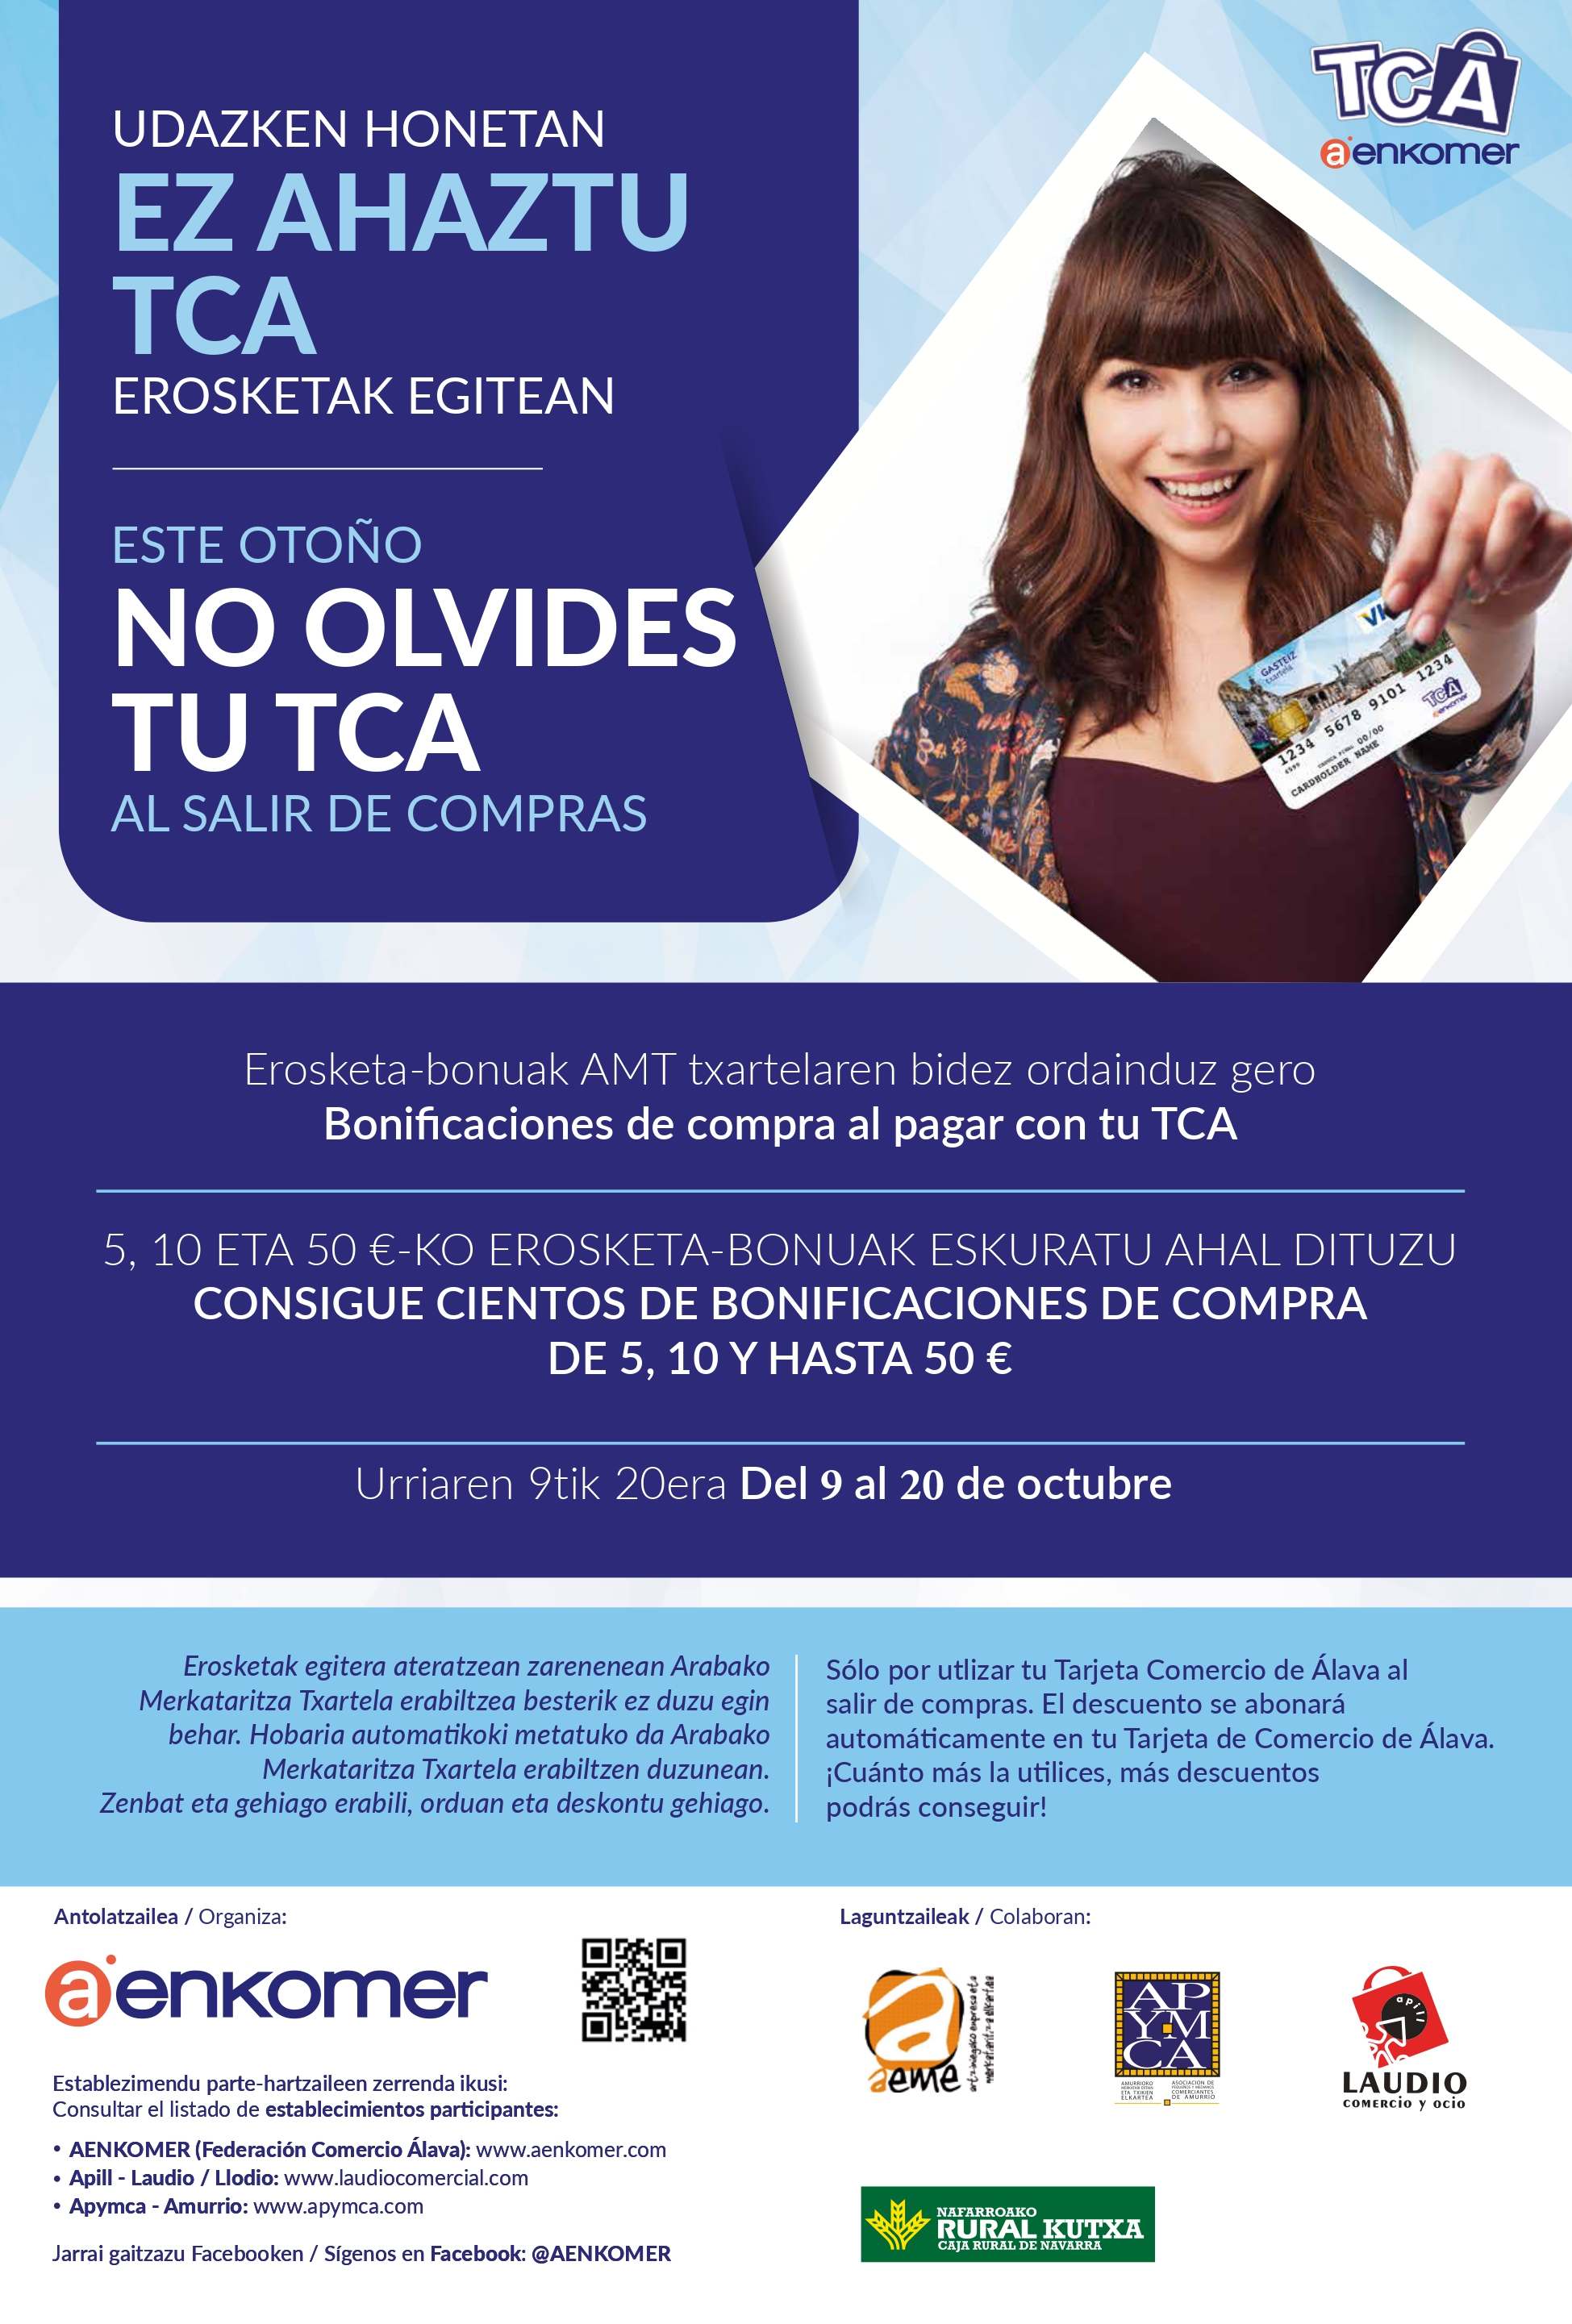 NUEVA CAMPAÑA PARA INCENTIVAR TUS VENTAS CON LA TCA OCTUBRE 2020